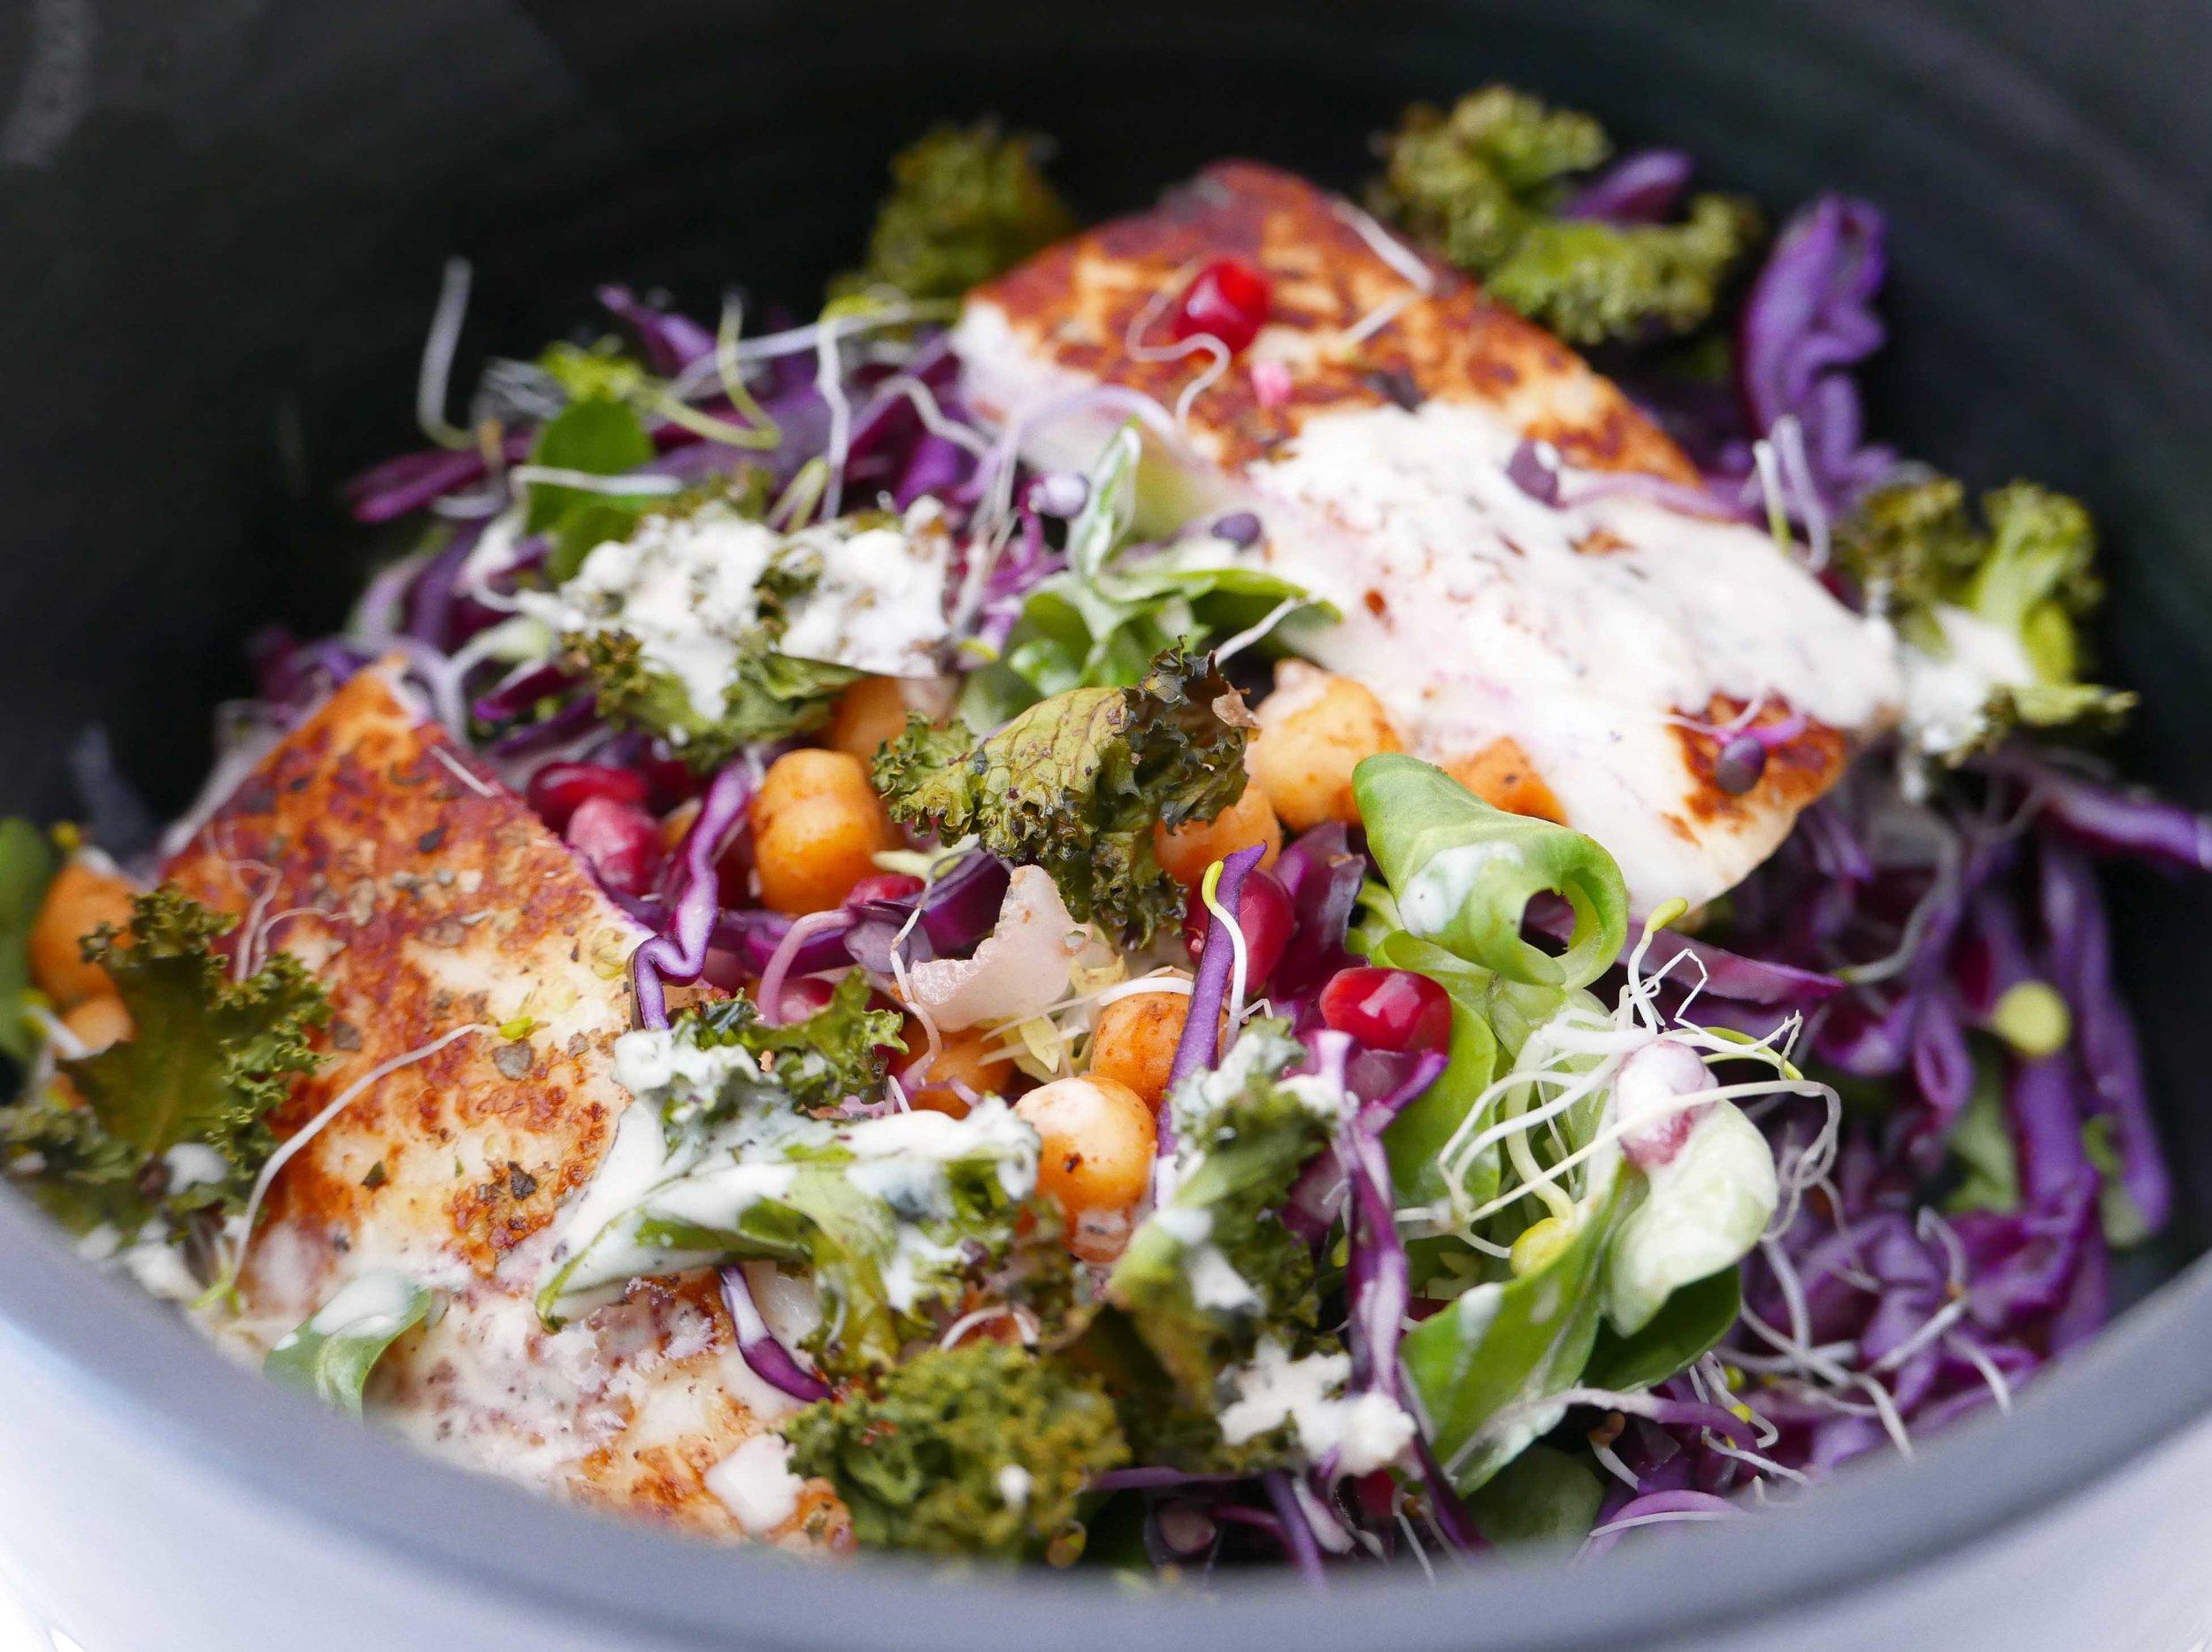 Recette de printemps : Salade colorée, halloumi grillé et vinaigrette crèmeuse au tahini